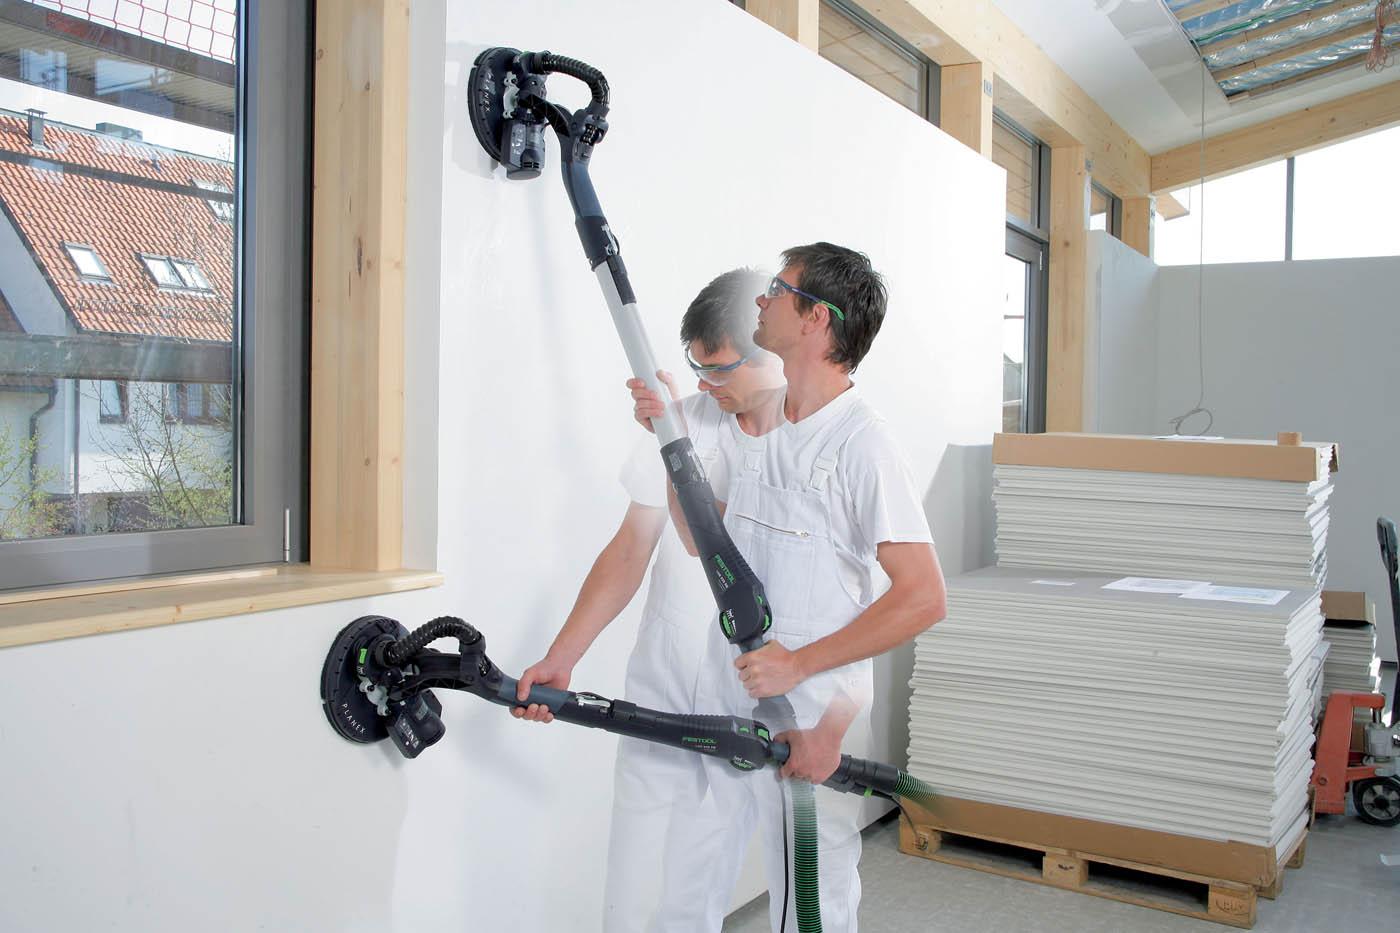 вариант использования шлифовки стен в ремонте комнаты